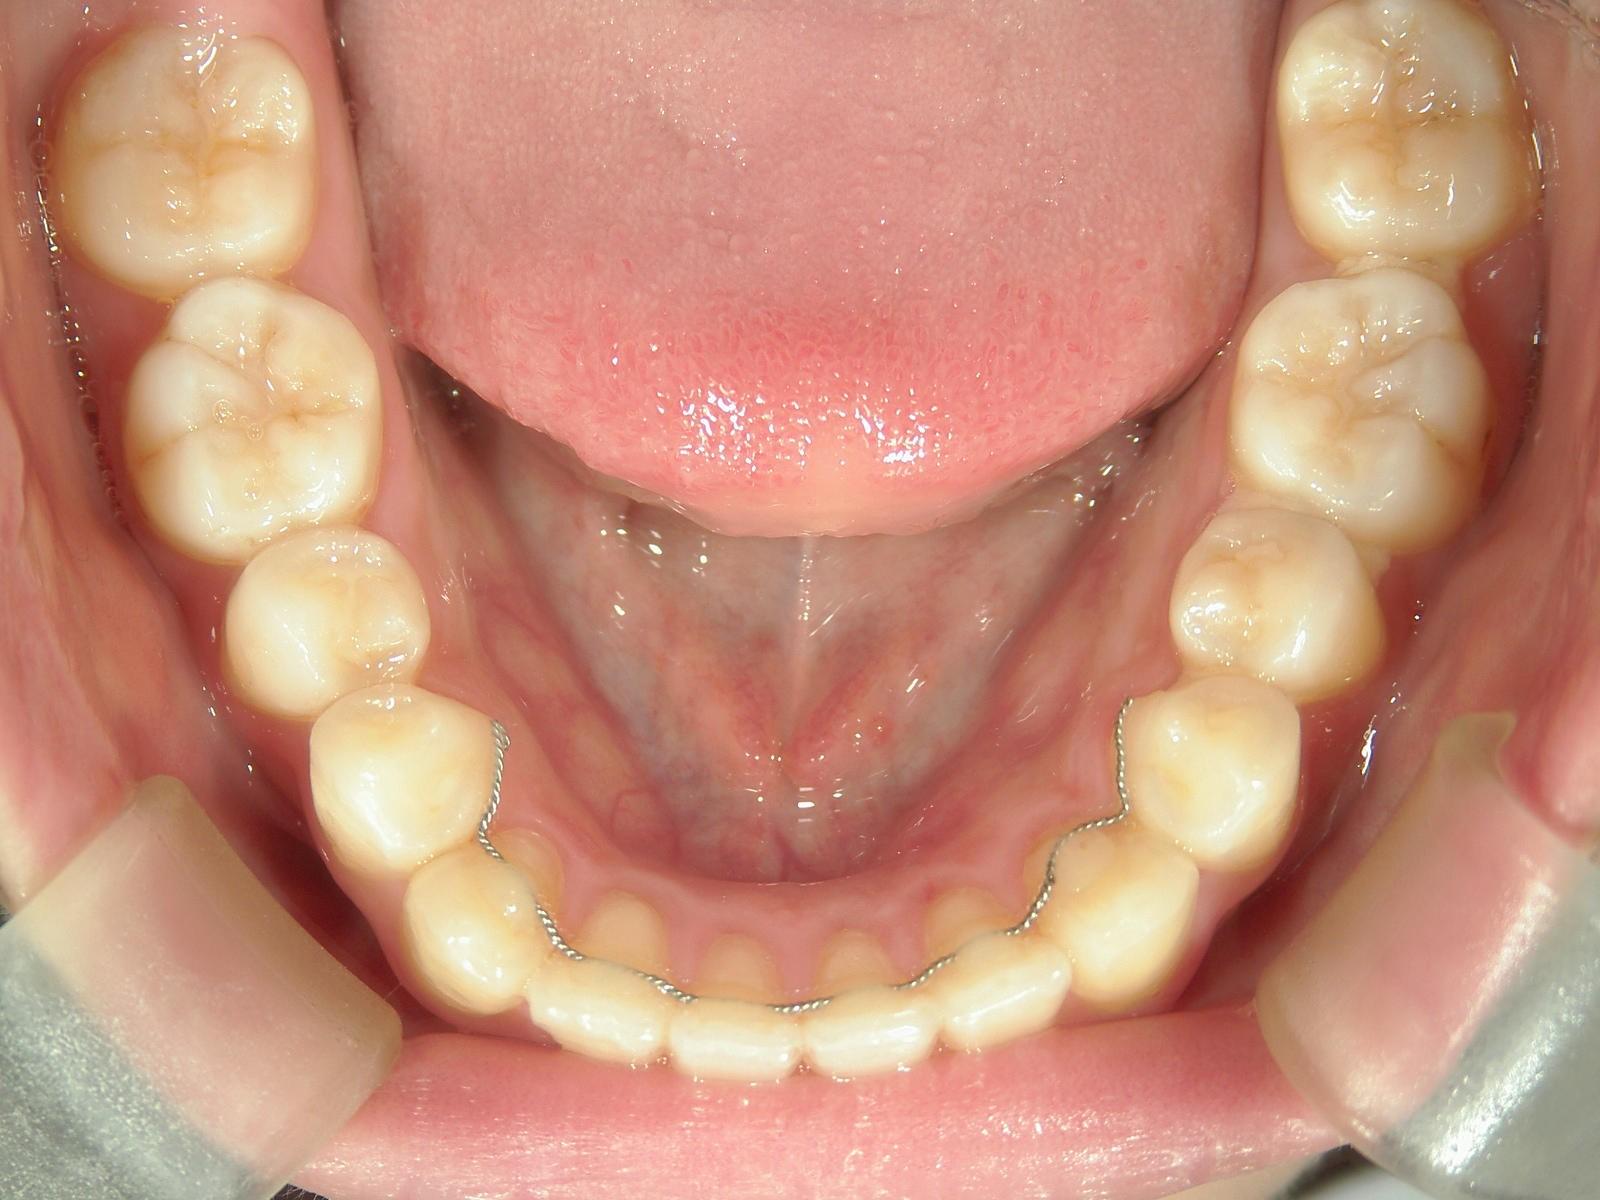 全顎ワイヤー矯正 症例(27)